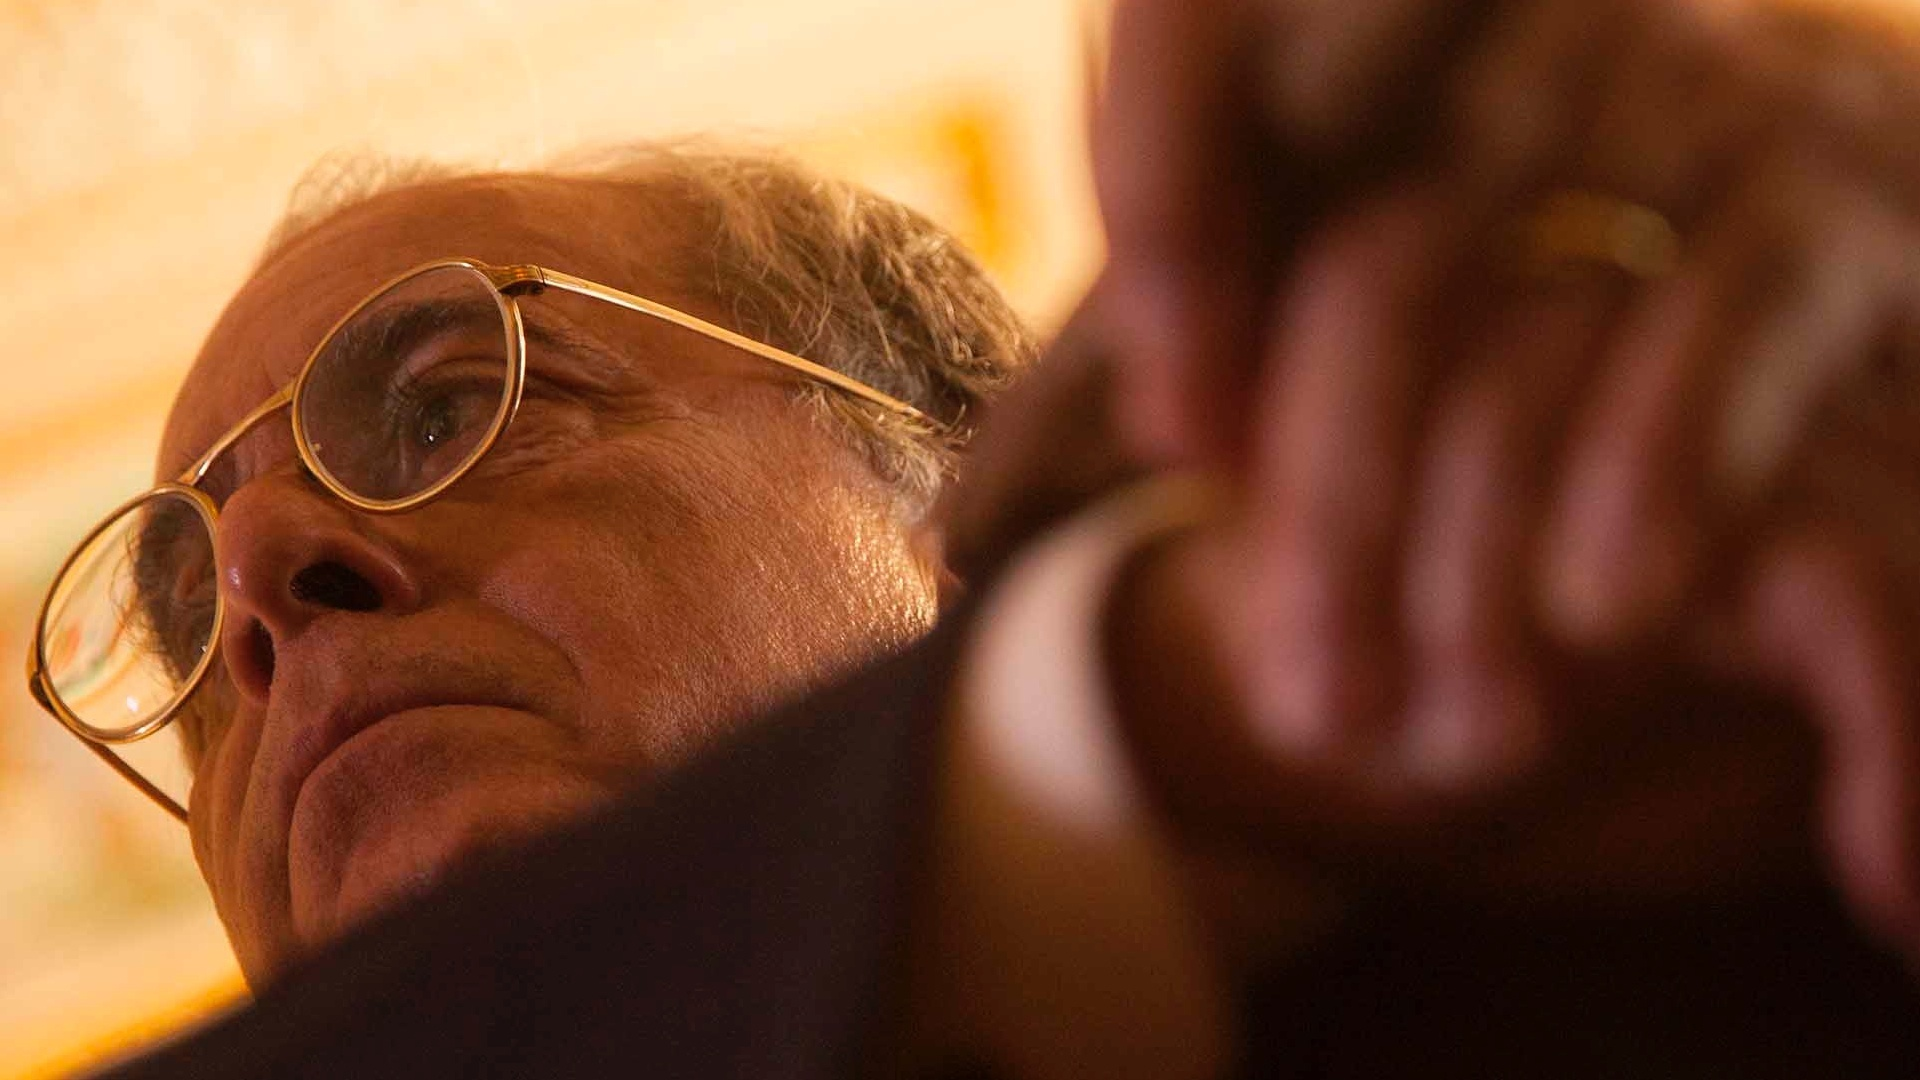 Президент Жетулиу смотреть фото